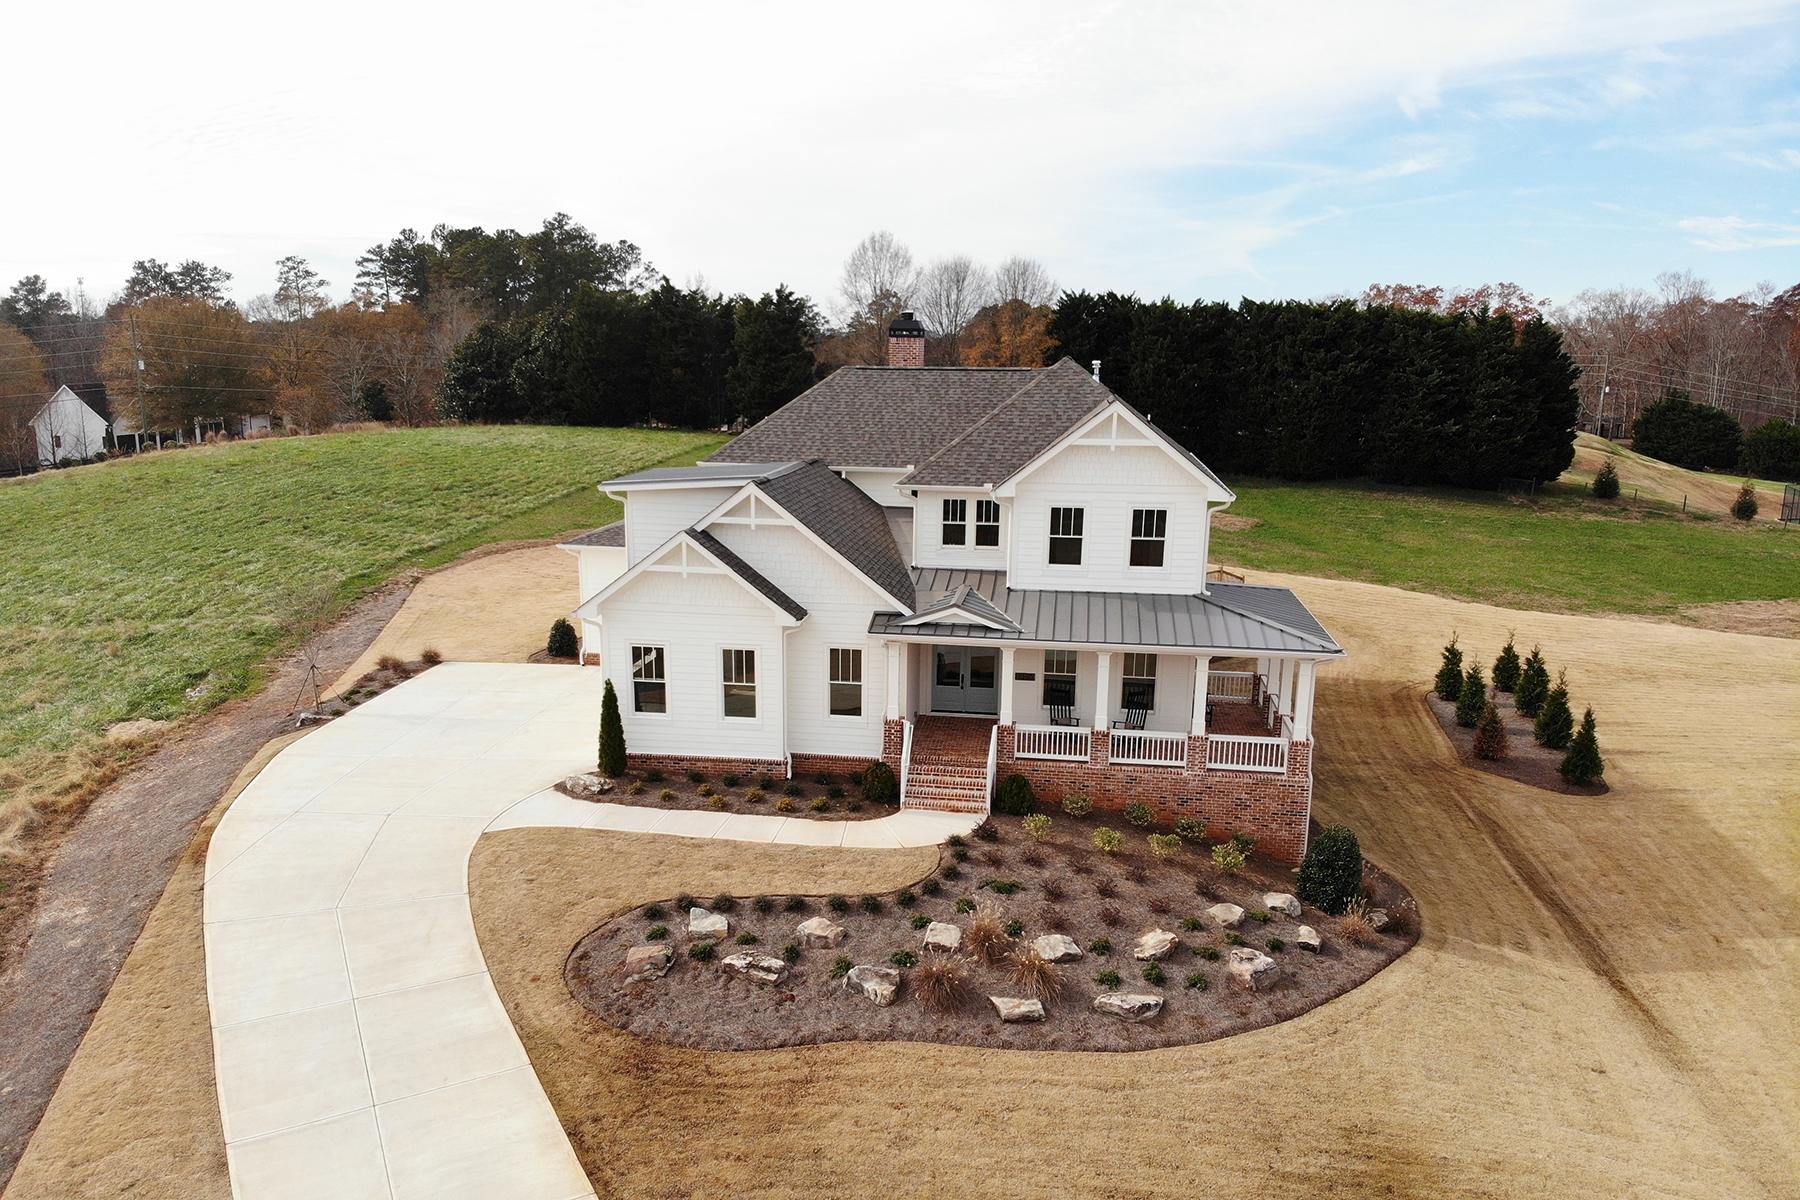 Single Family Home for Sale at New Farmhouse Style Home In Ebenezer Pond 12700 Ebenezer Pond Ct Milton, Georgia 30004 United States